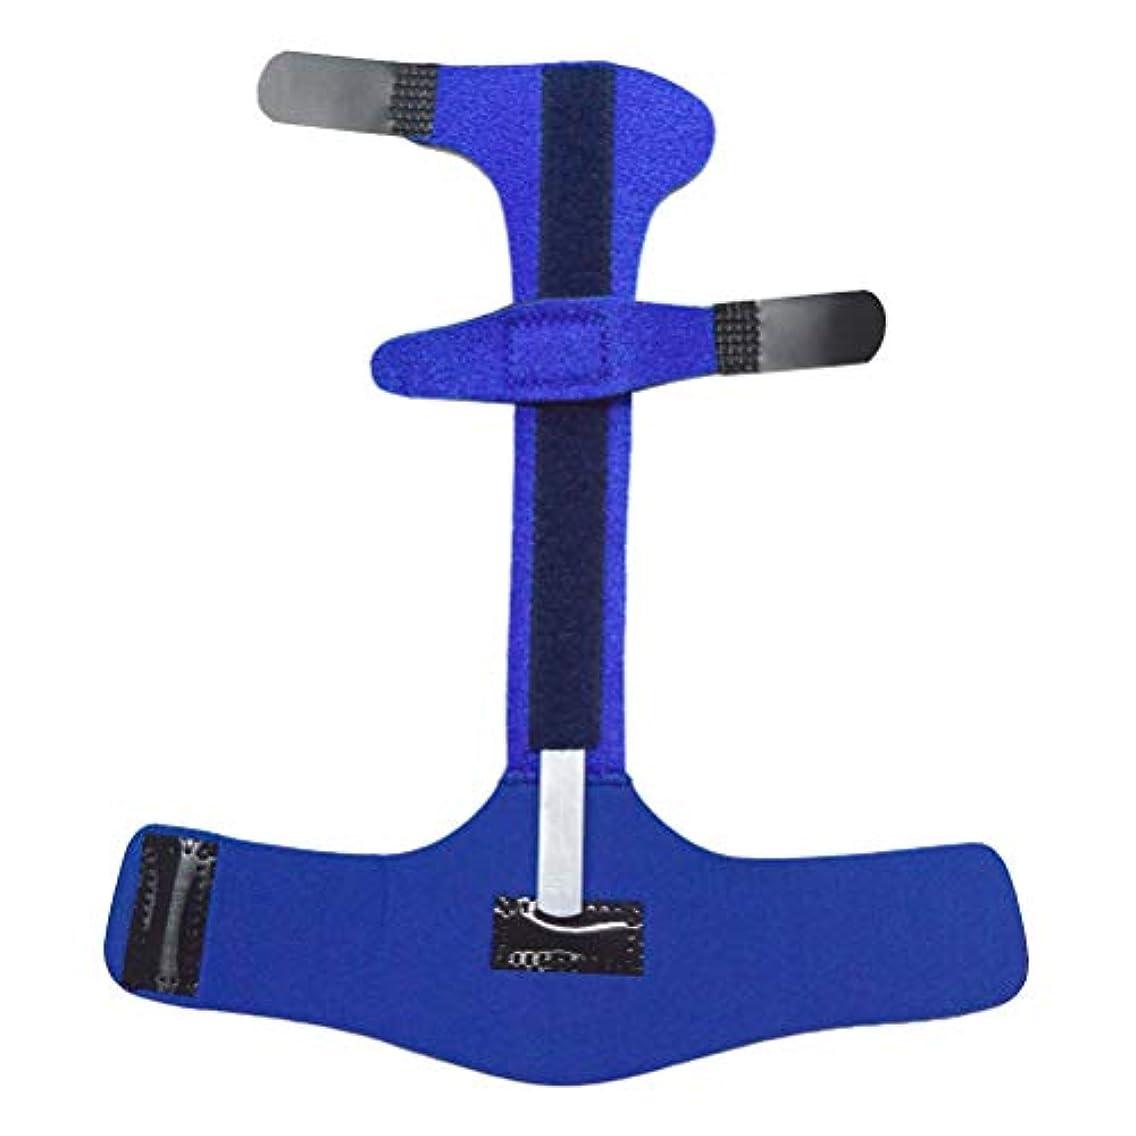 安定歯フラッシュのように素早くHealifty 指の添え木ジョイントコレクターサポート矯正手保護スリーブマレット指ブレース痛みを和らげる(青)